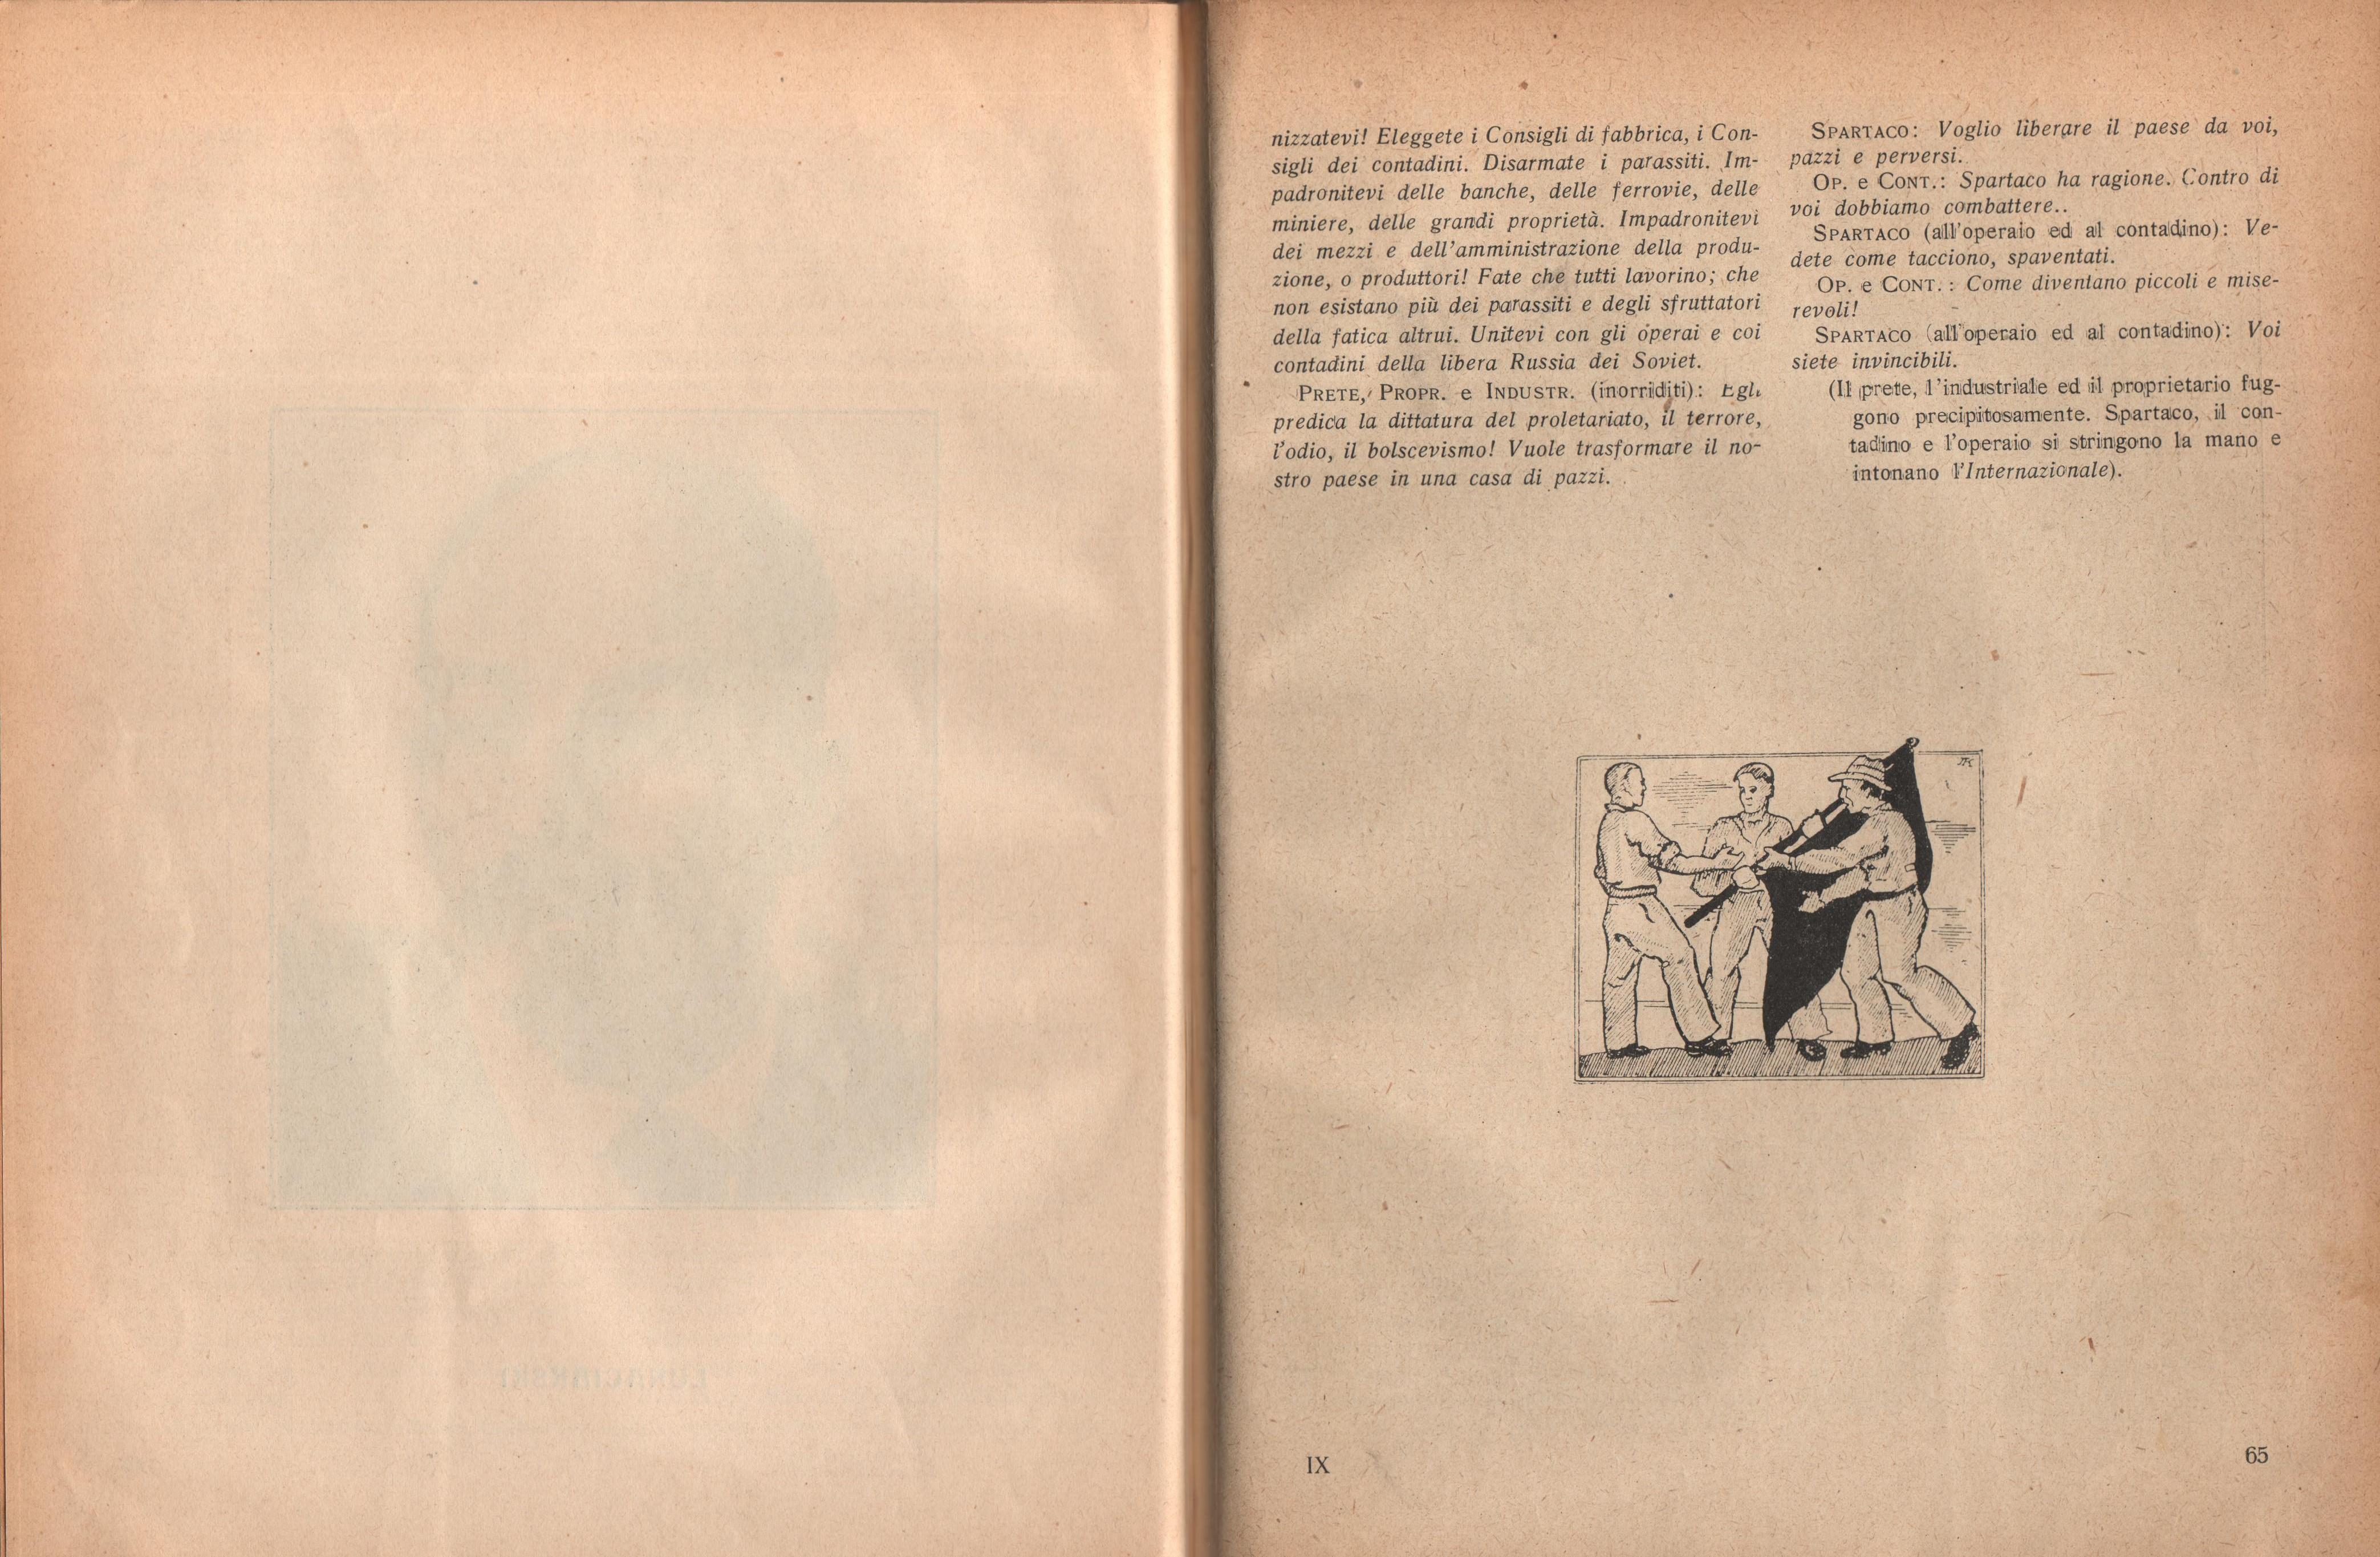 Almanacco comunista 1922 - pag. 40